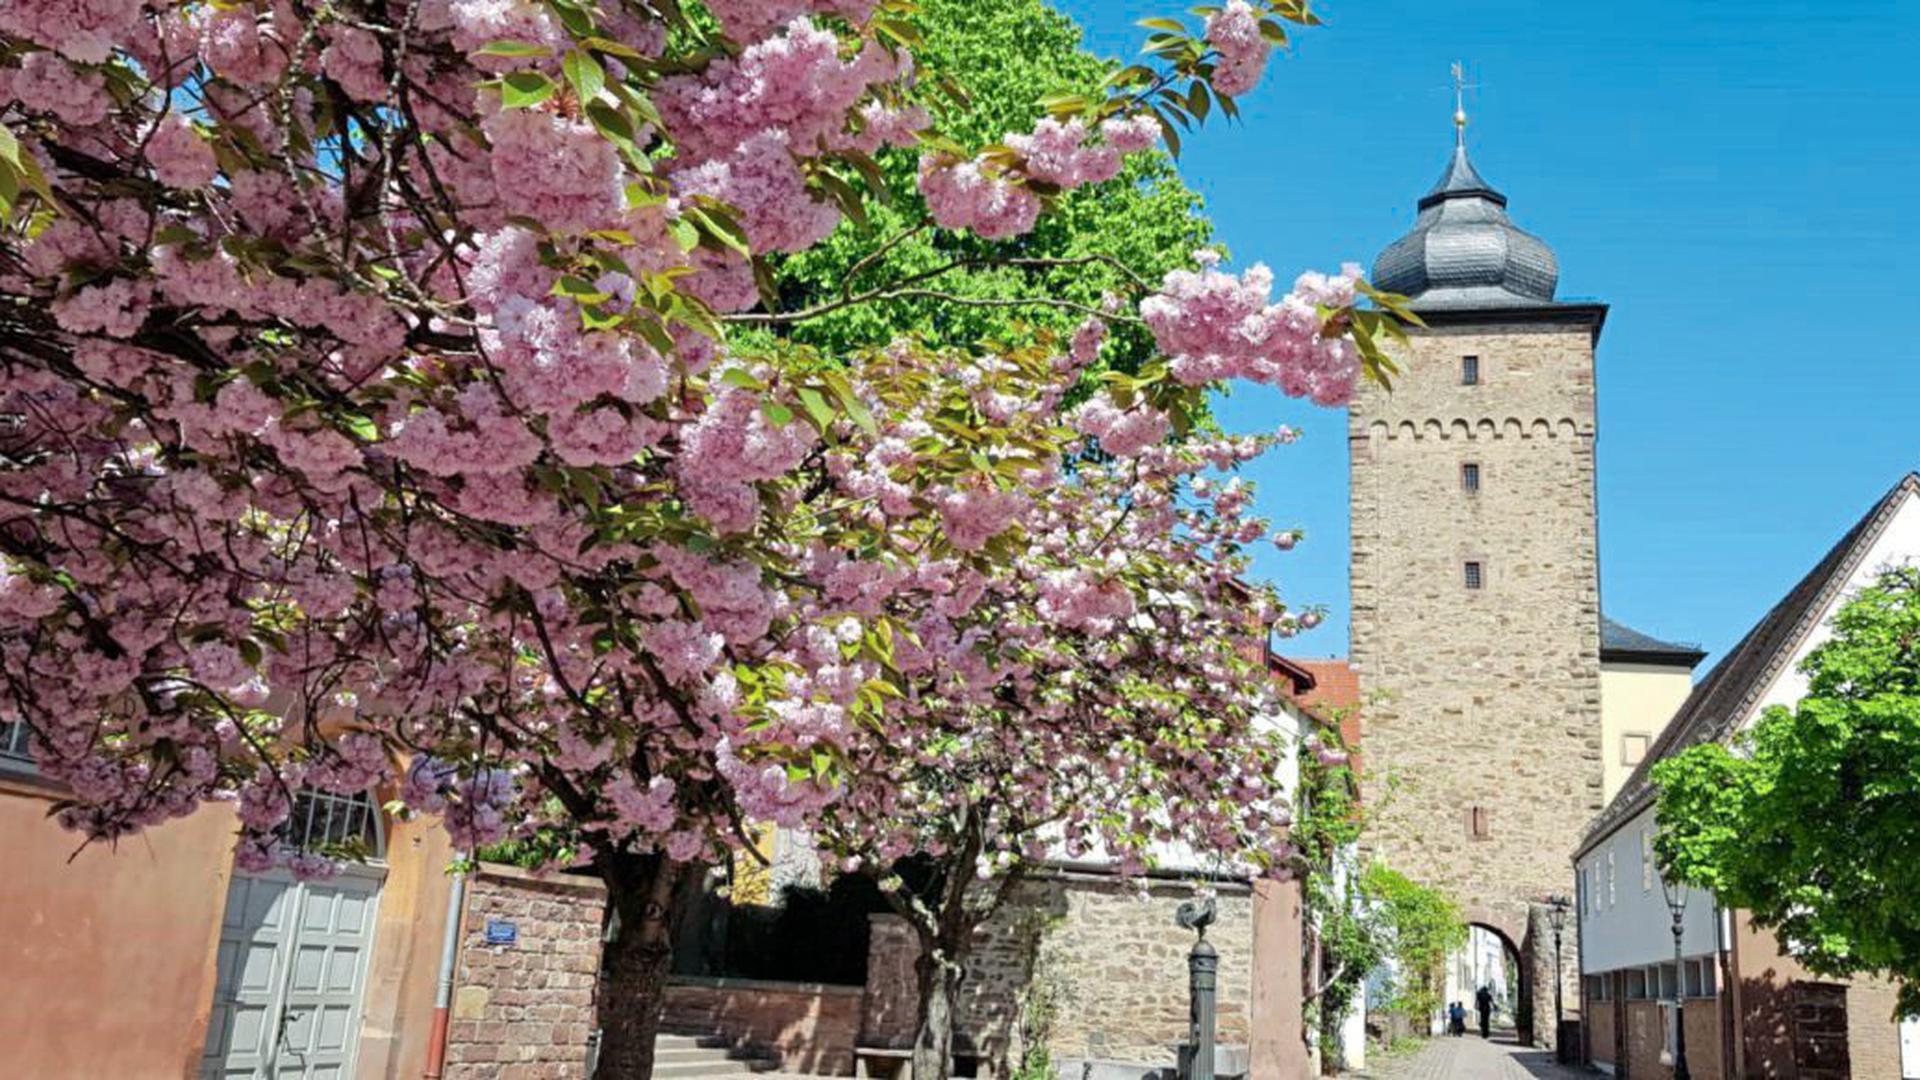 Die Kirschsorte, die am Basler-Tor in Karlsruhe Durlach steht, gehört zu den Spätblühern. Das Bild zeigt die Blüte 2019.